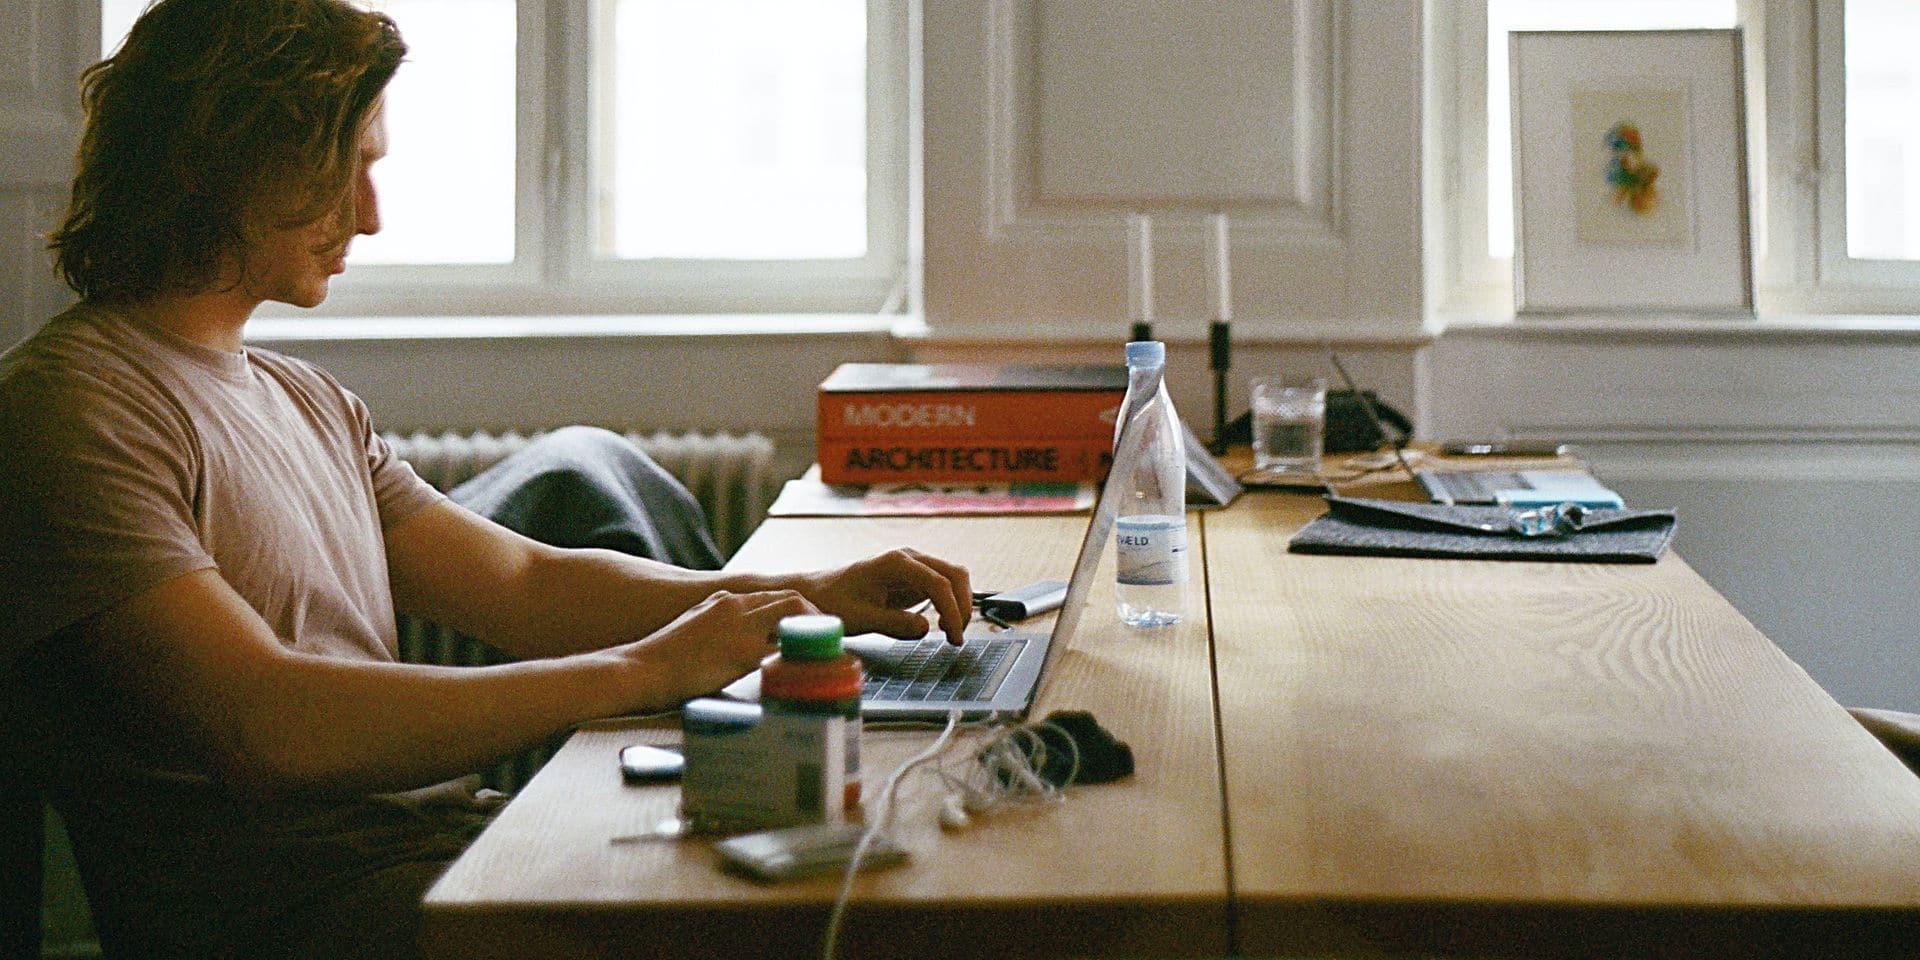 Télétravailler permet un gain de concentration par rapport au bureau